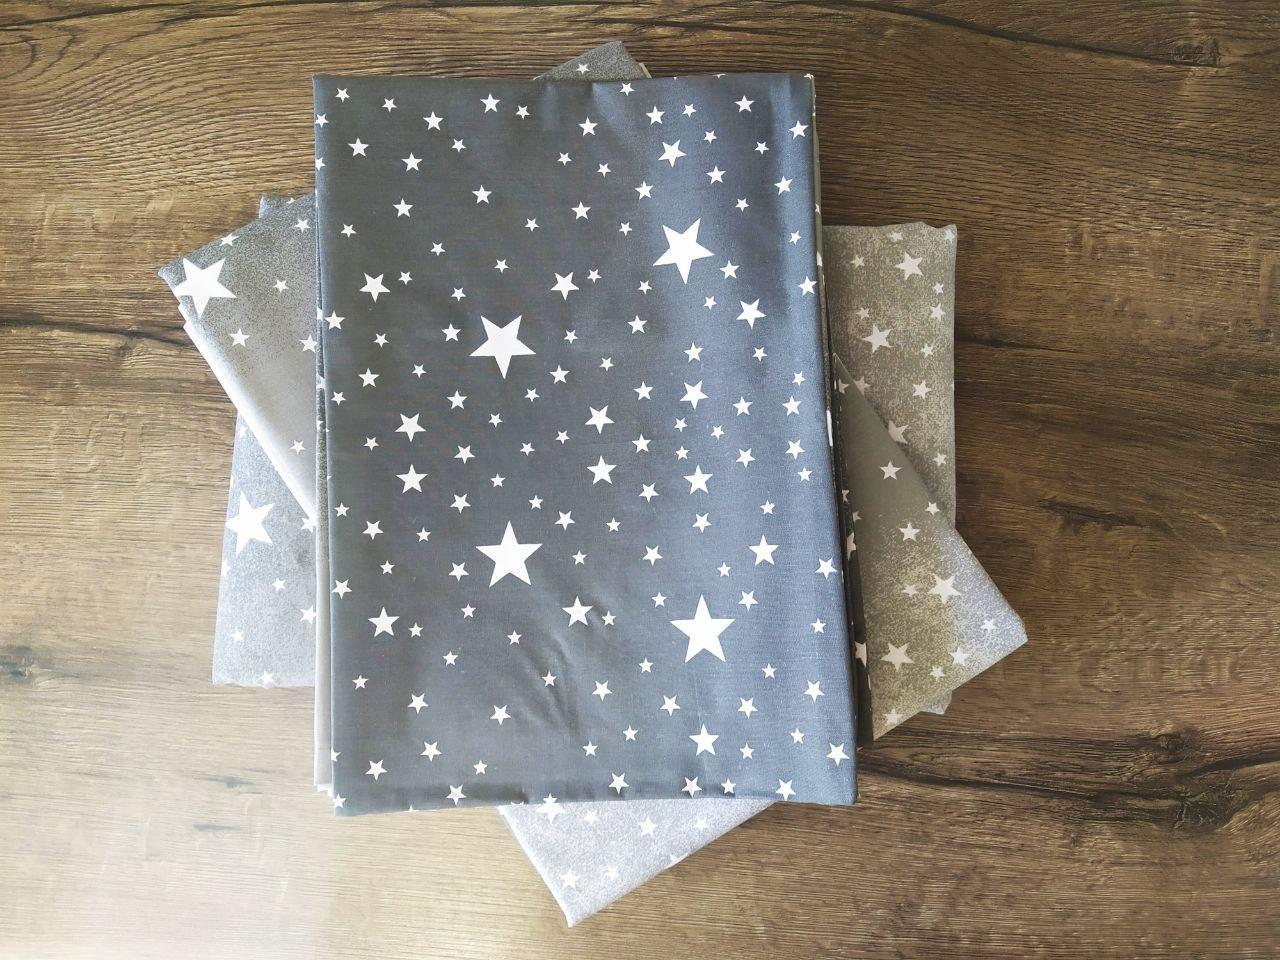 Распродажа! Полуторный комплект постельного белья бязь хлопок 80% GoldLux GL4188 Звезды